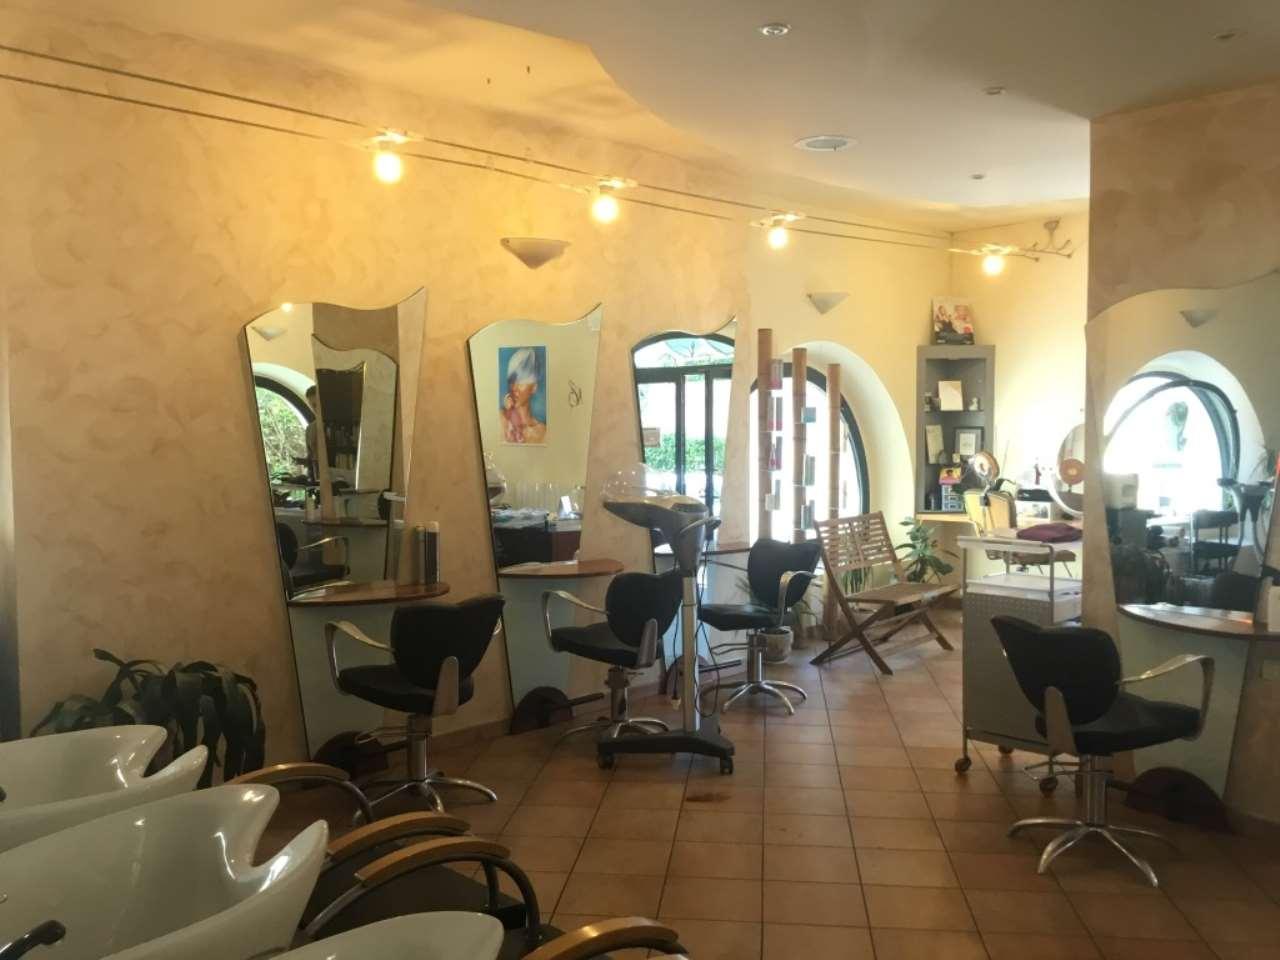 Attività parrucchiera Rif. 6891578